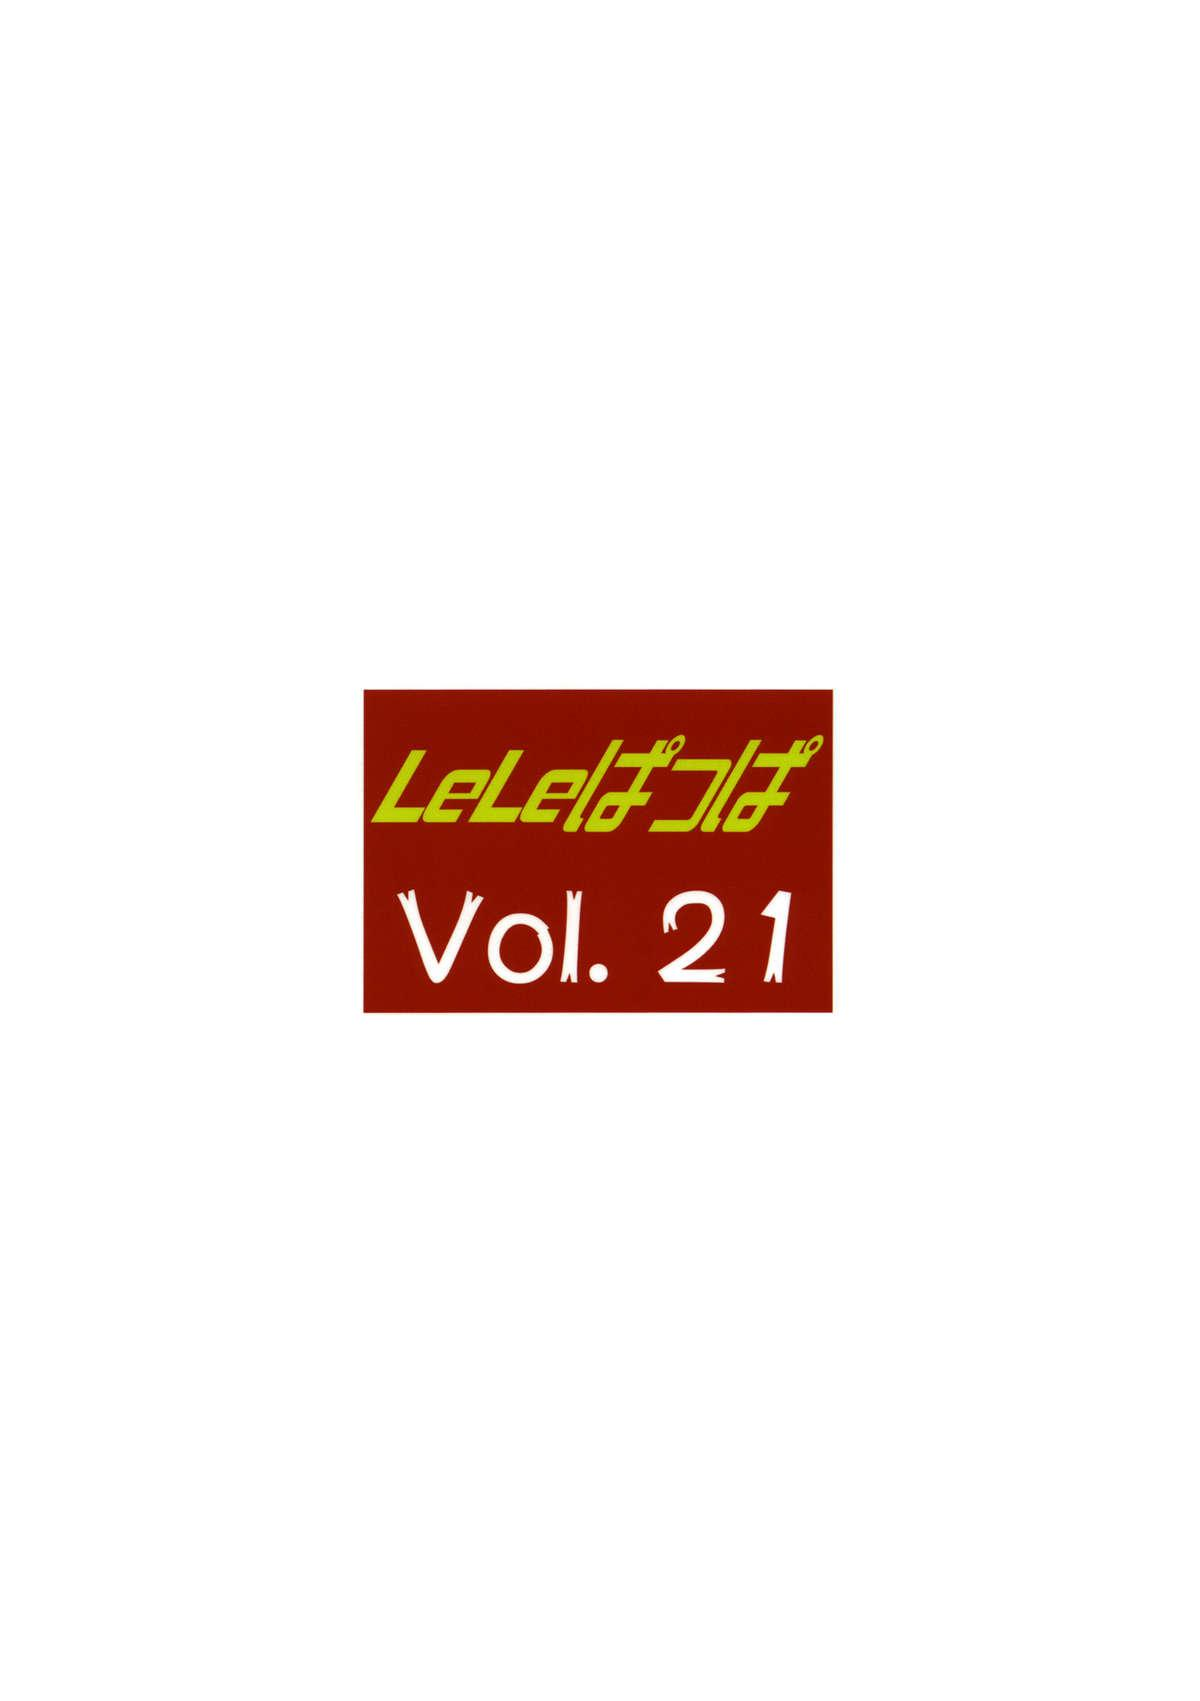 LeLe Pappa Vol. 21 - Mugyu Nami 37